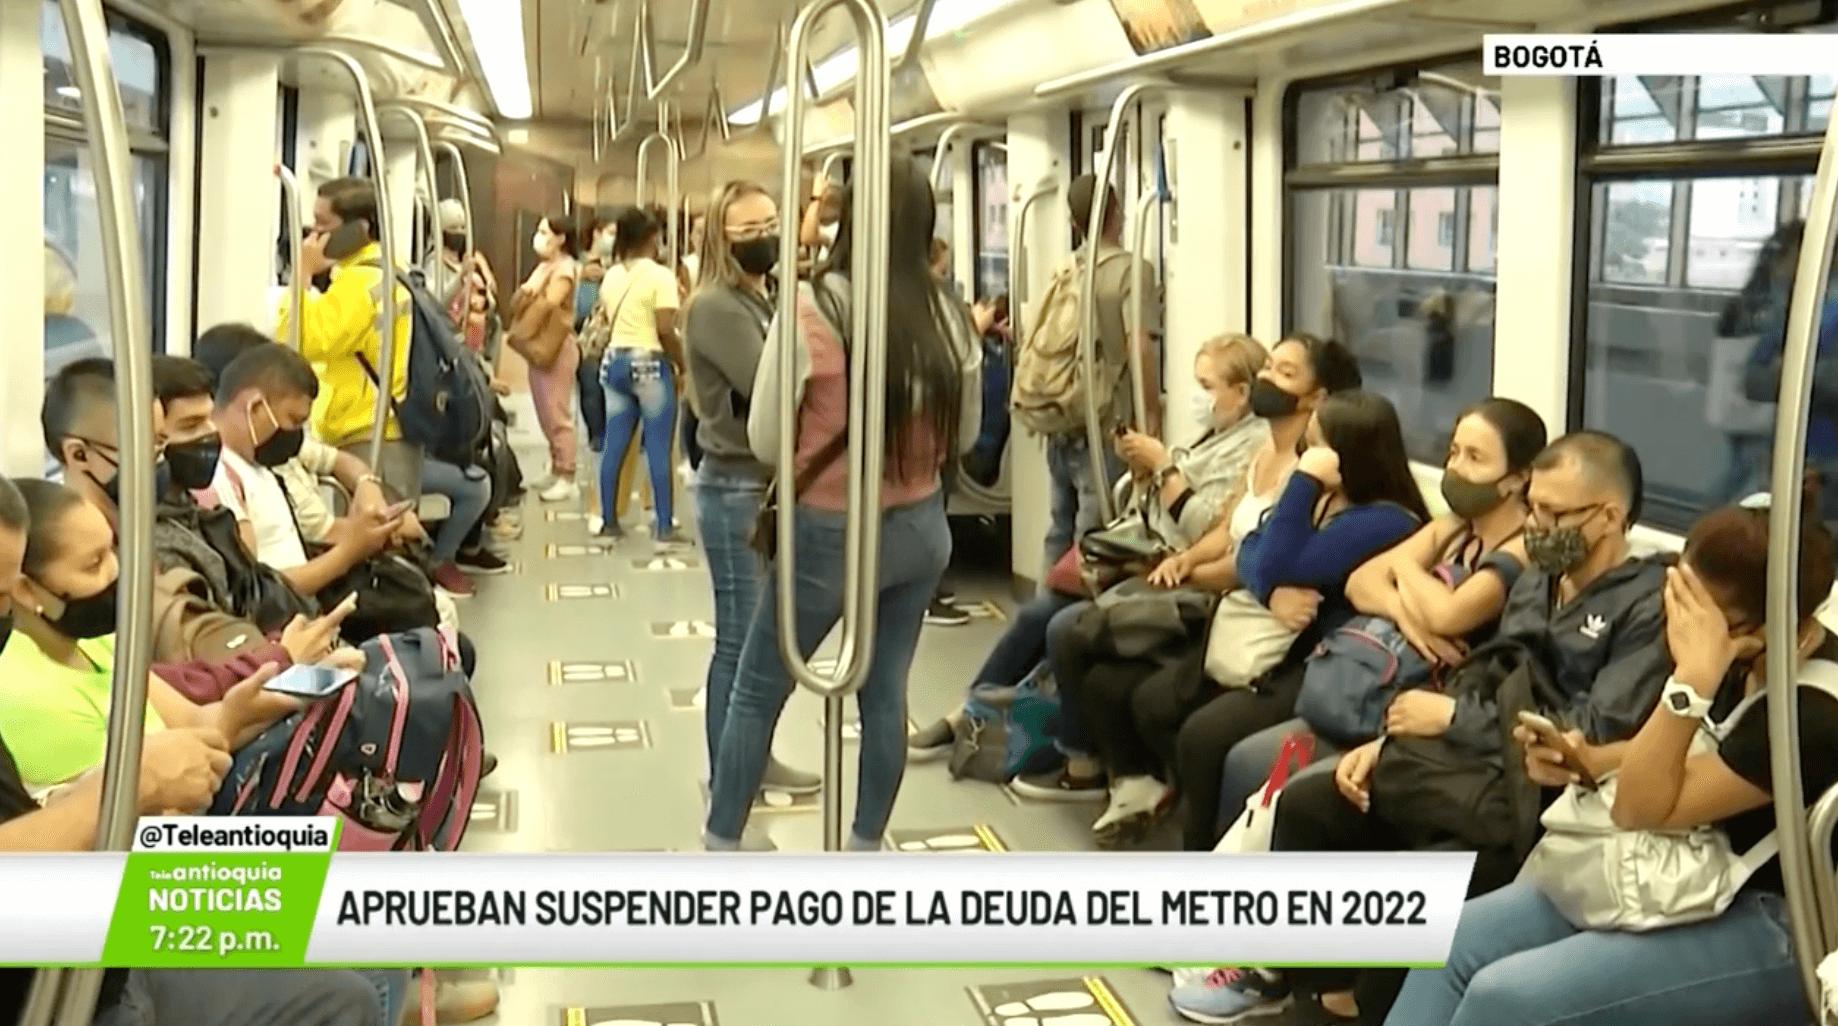 Aprueban suspender pago de la deuda del Metro en 2022